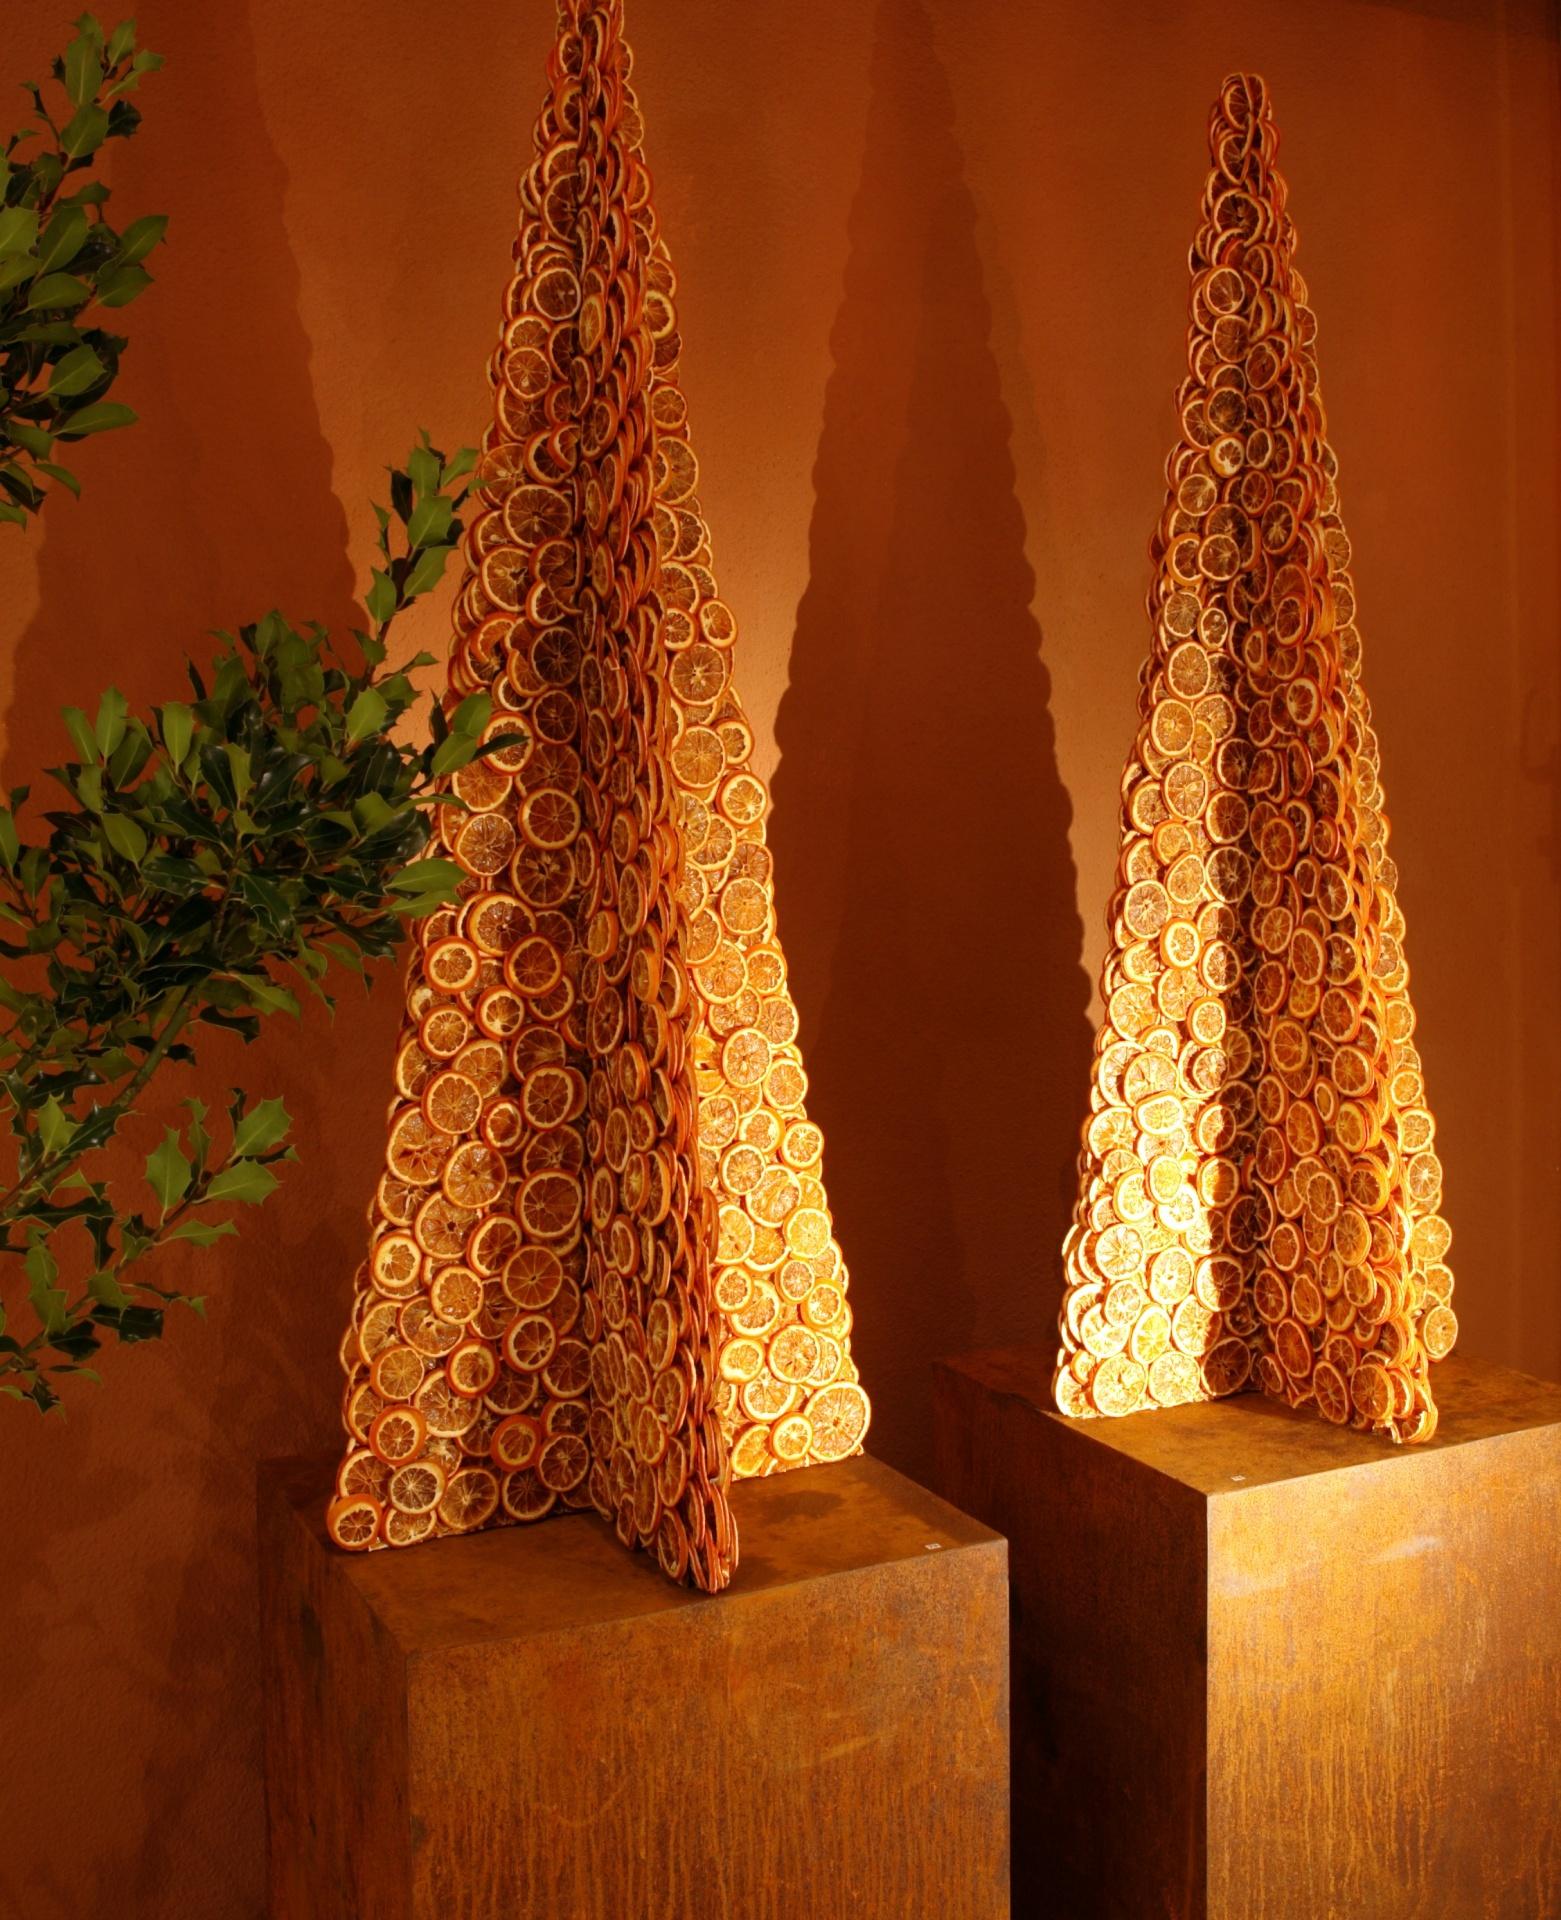 Stilisierte Tannenbäume als Blickfang - reduziert und doch opulent in der Wirkung